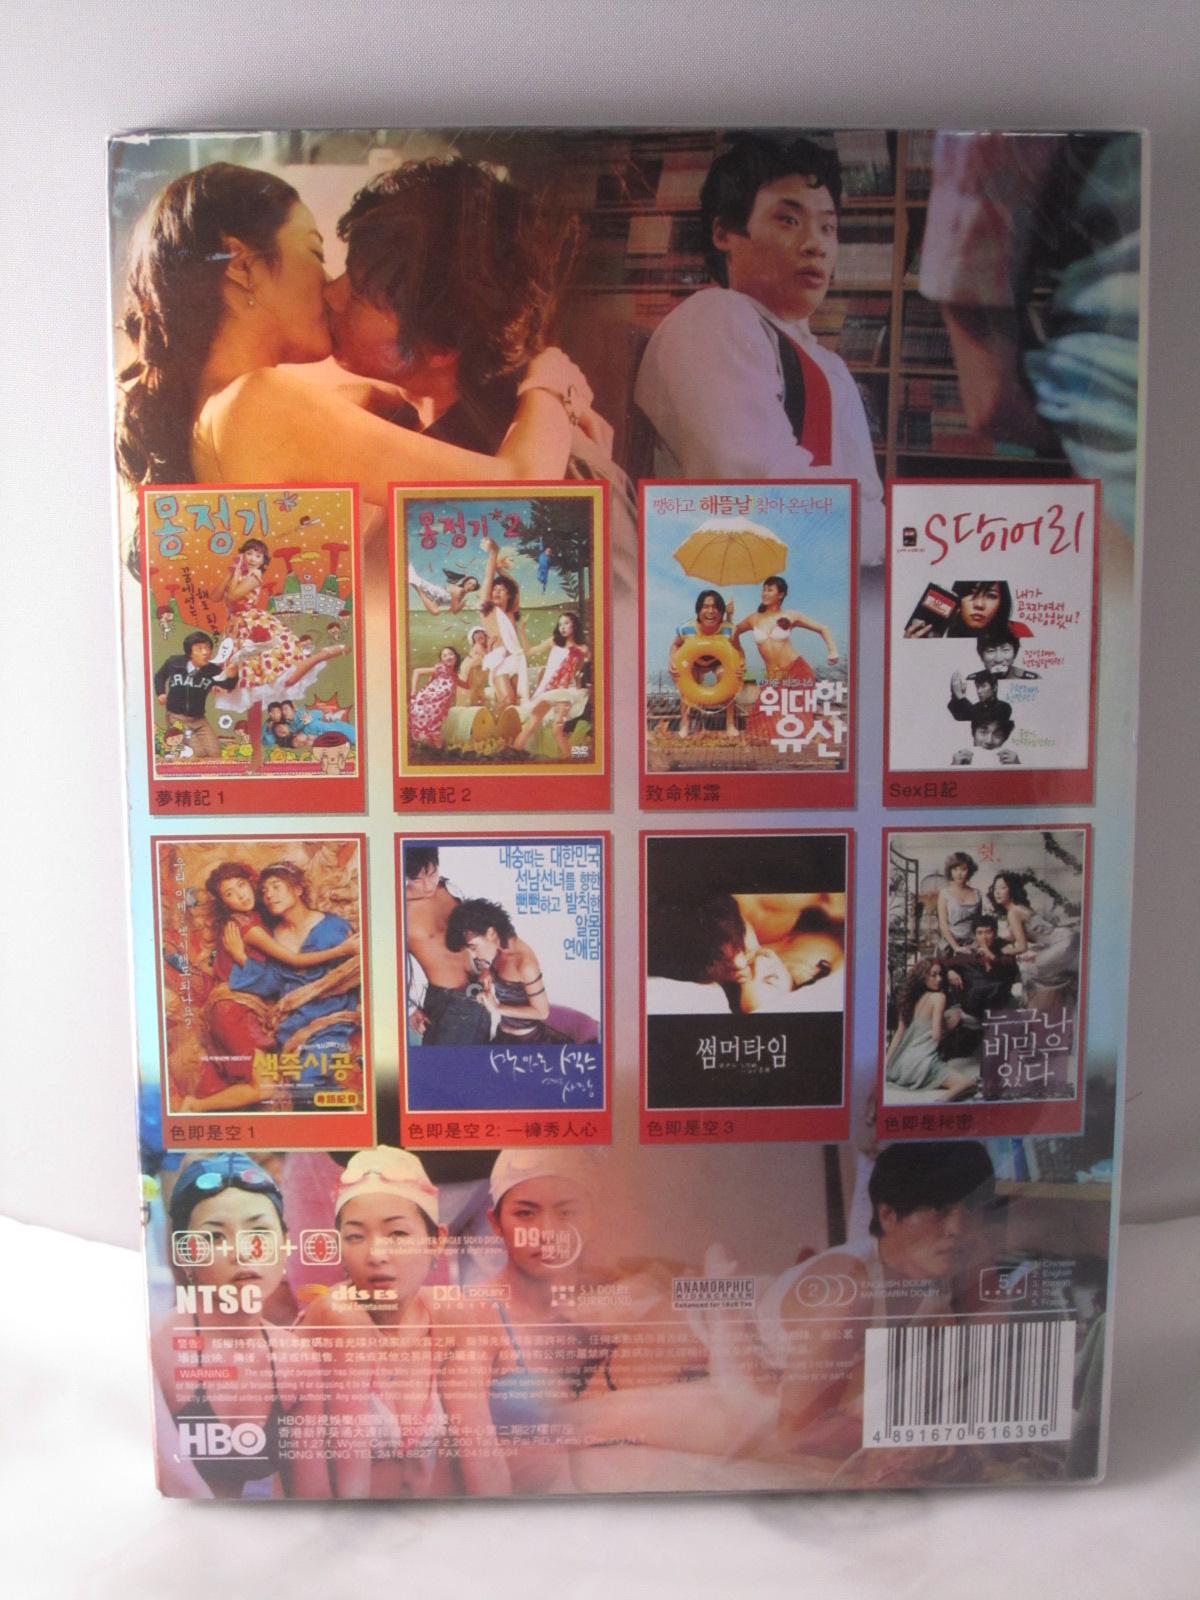 http://imagehost.vendio.com/a/35062732/view/IMG_0385.JPG